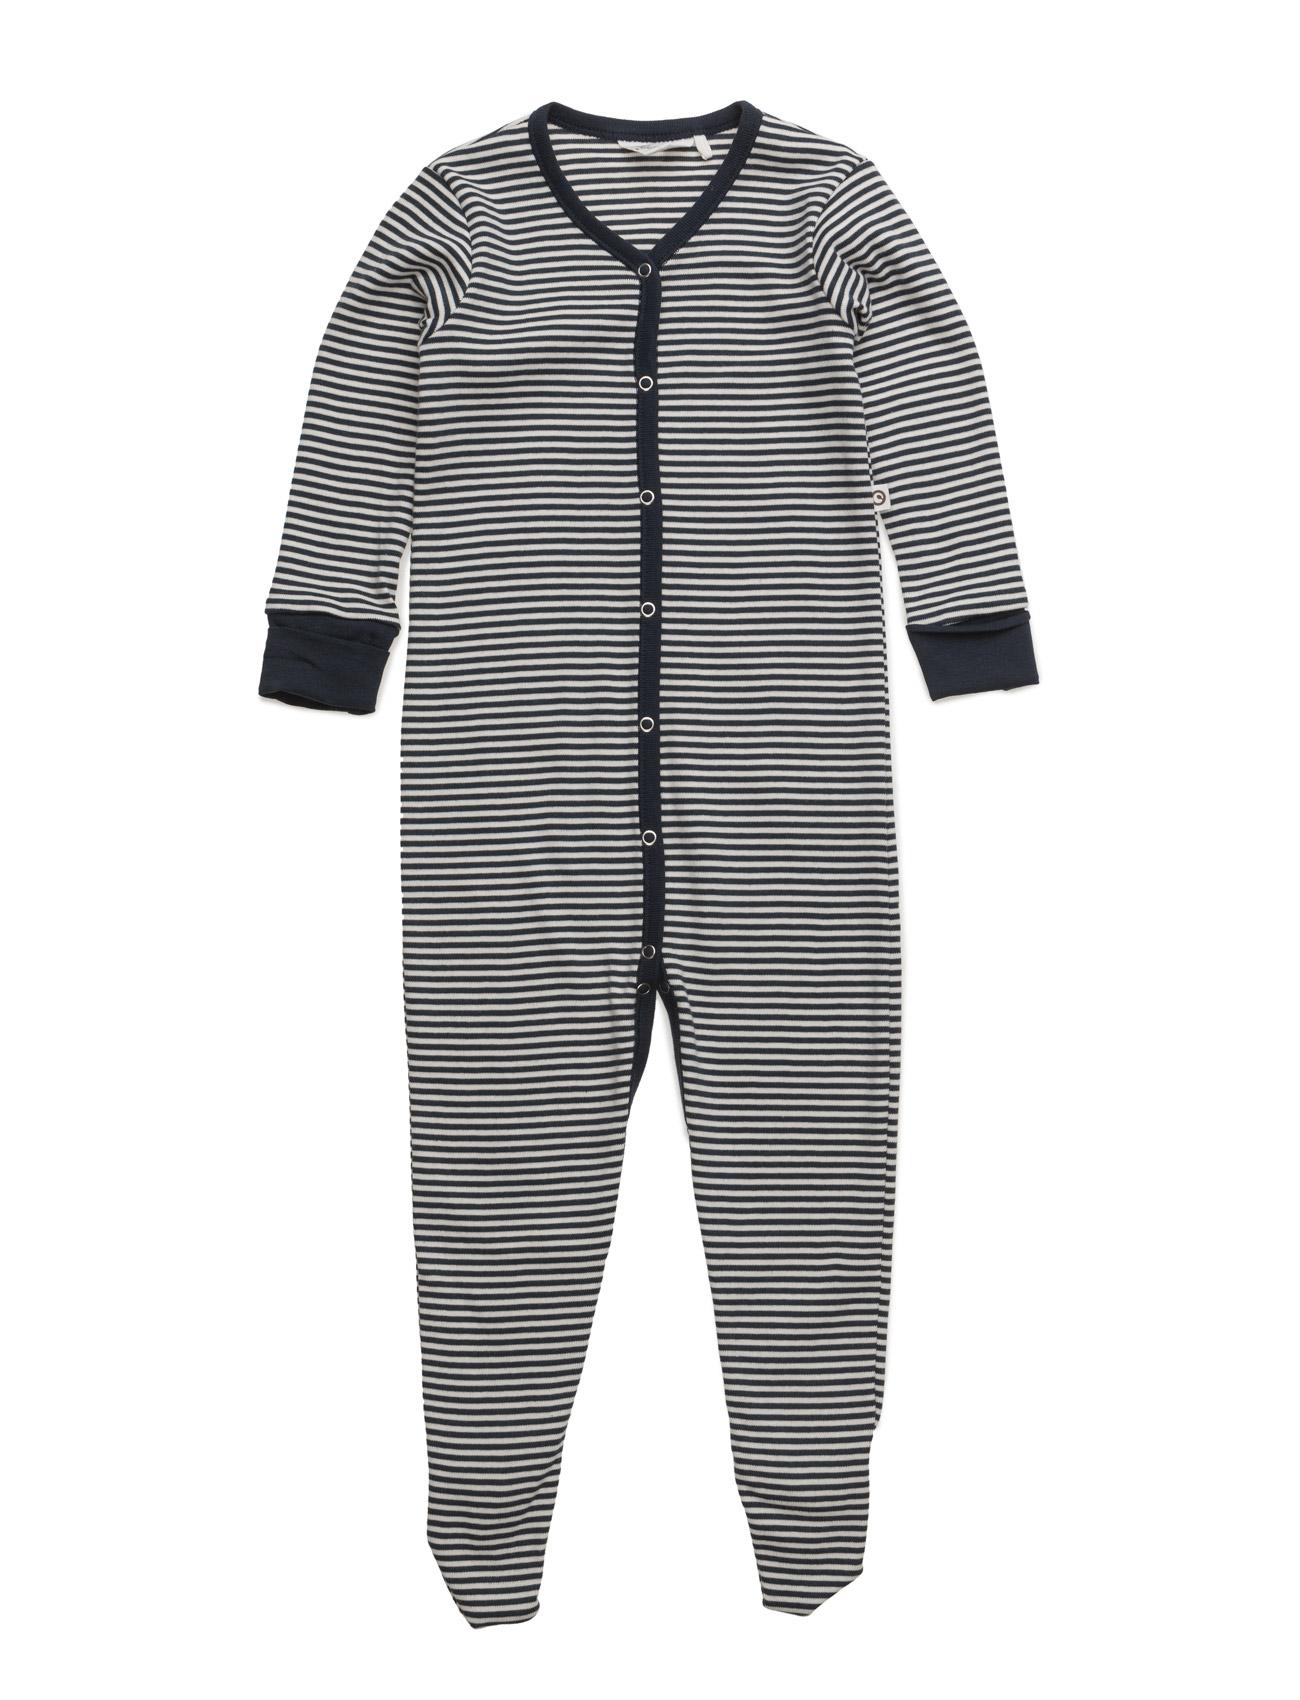 Stripe Bodysuit W/Feet Müsli by Green Cotton Langærmede bodies til Børn i Navy blå